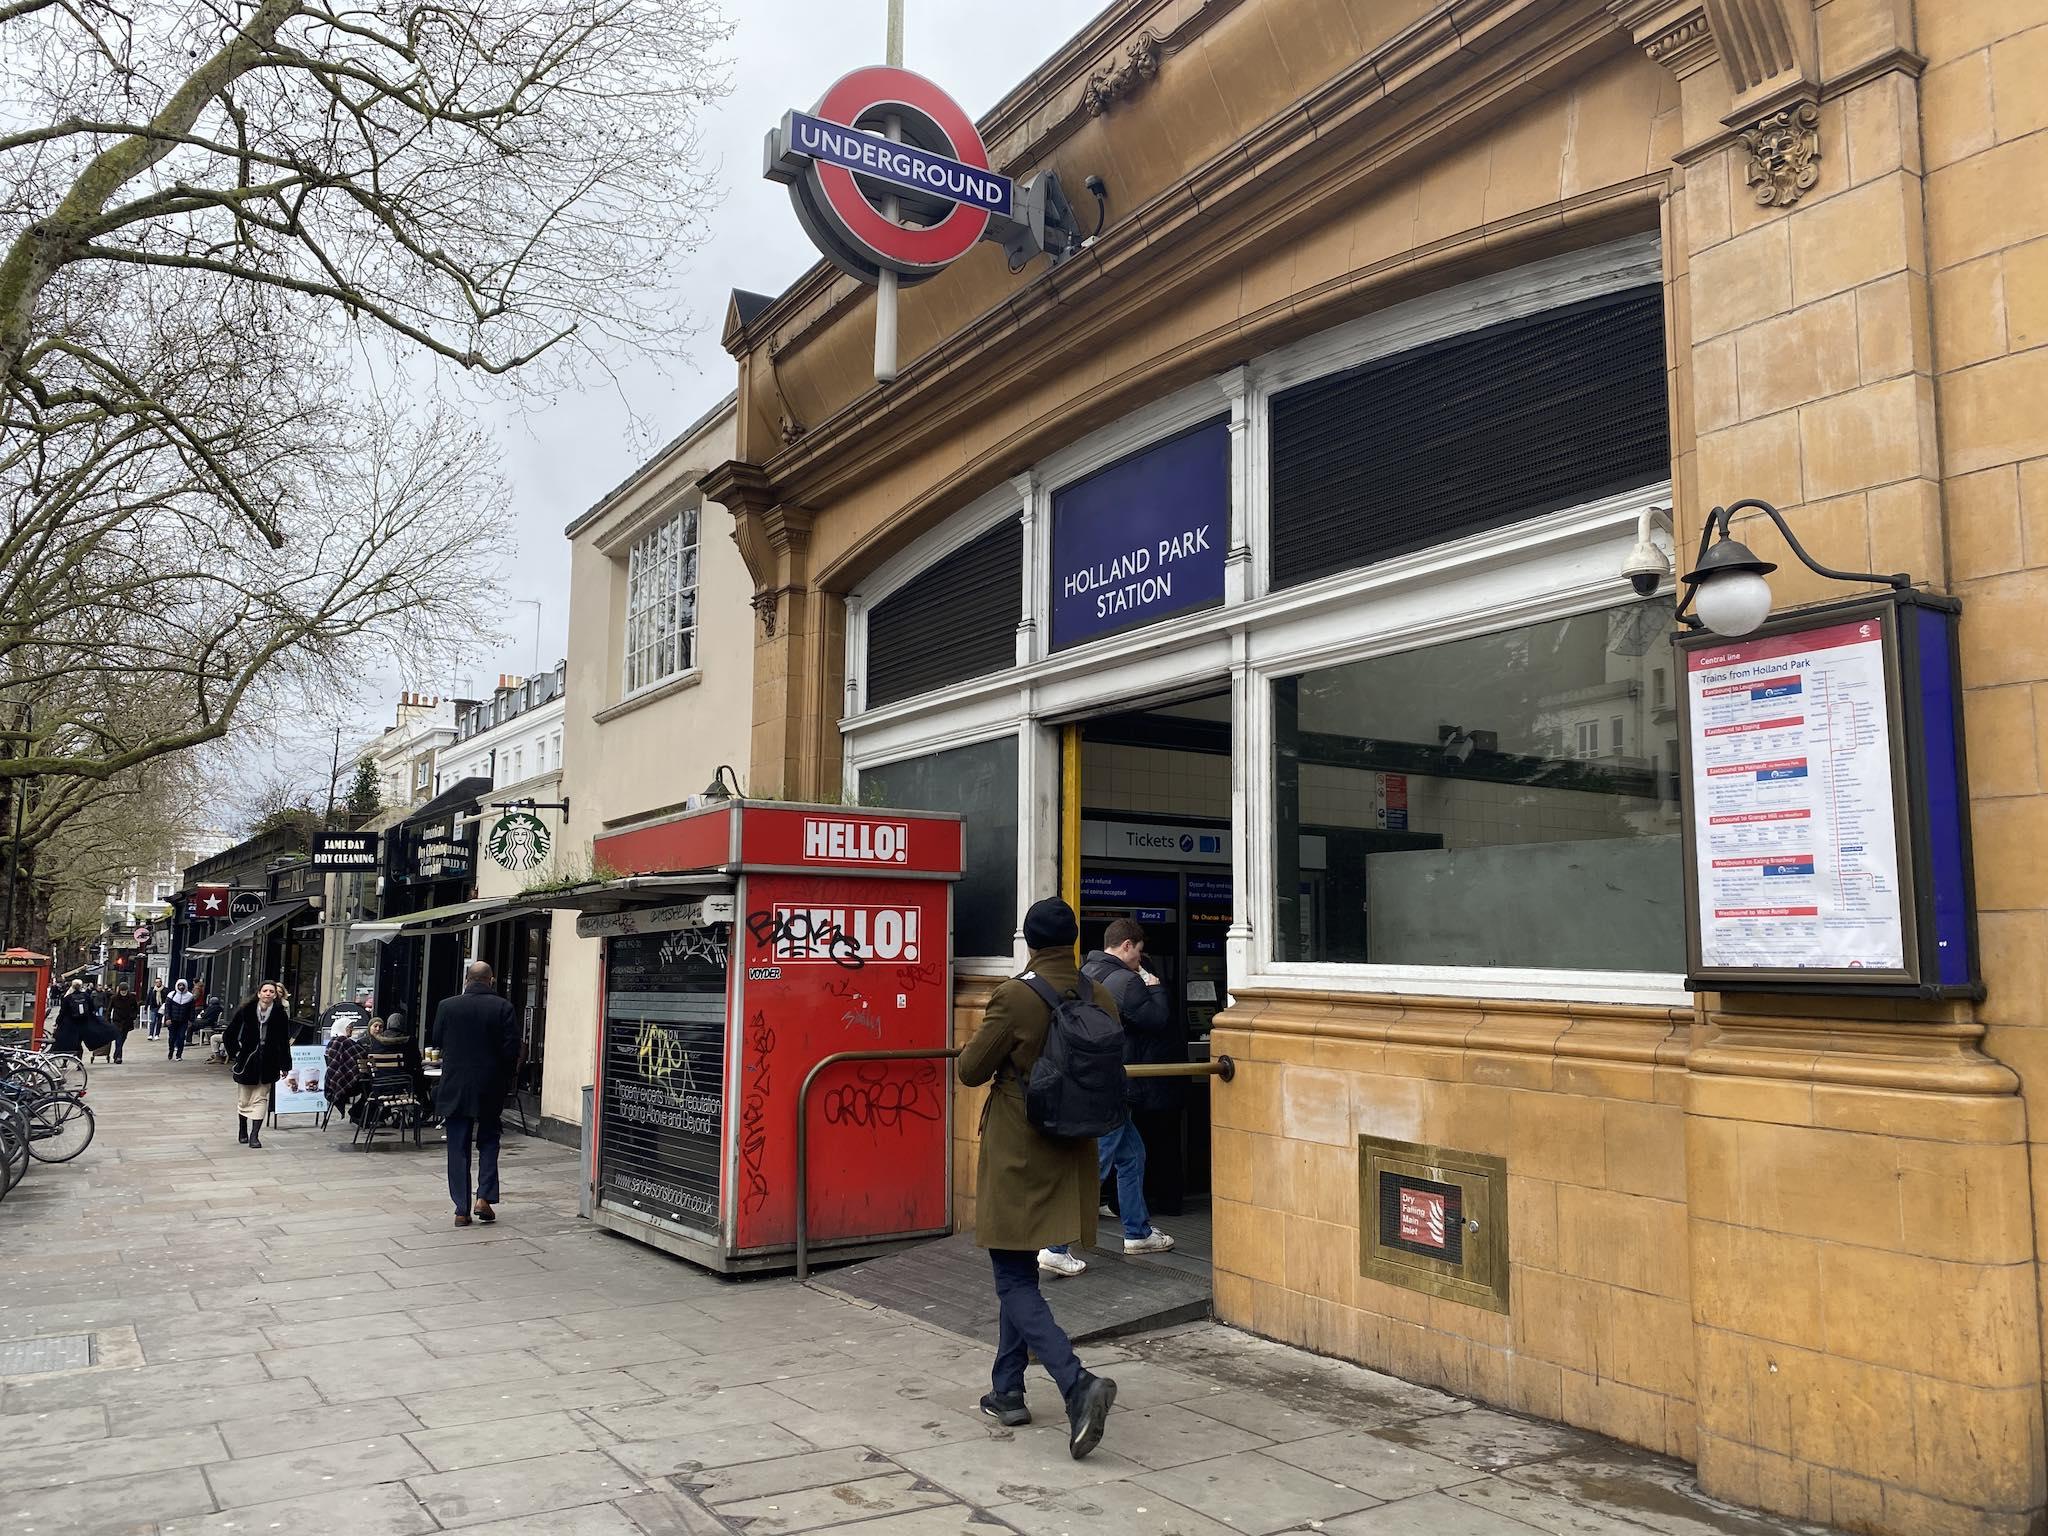 Bem-vindo! on London audio tour Notting Hill muito além do filme